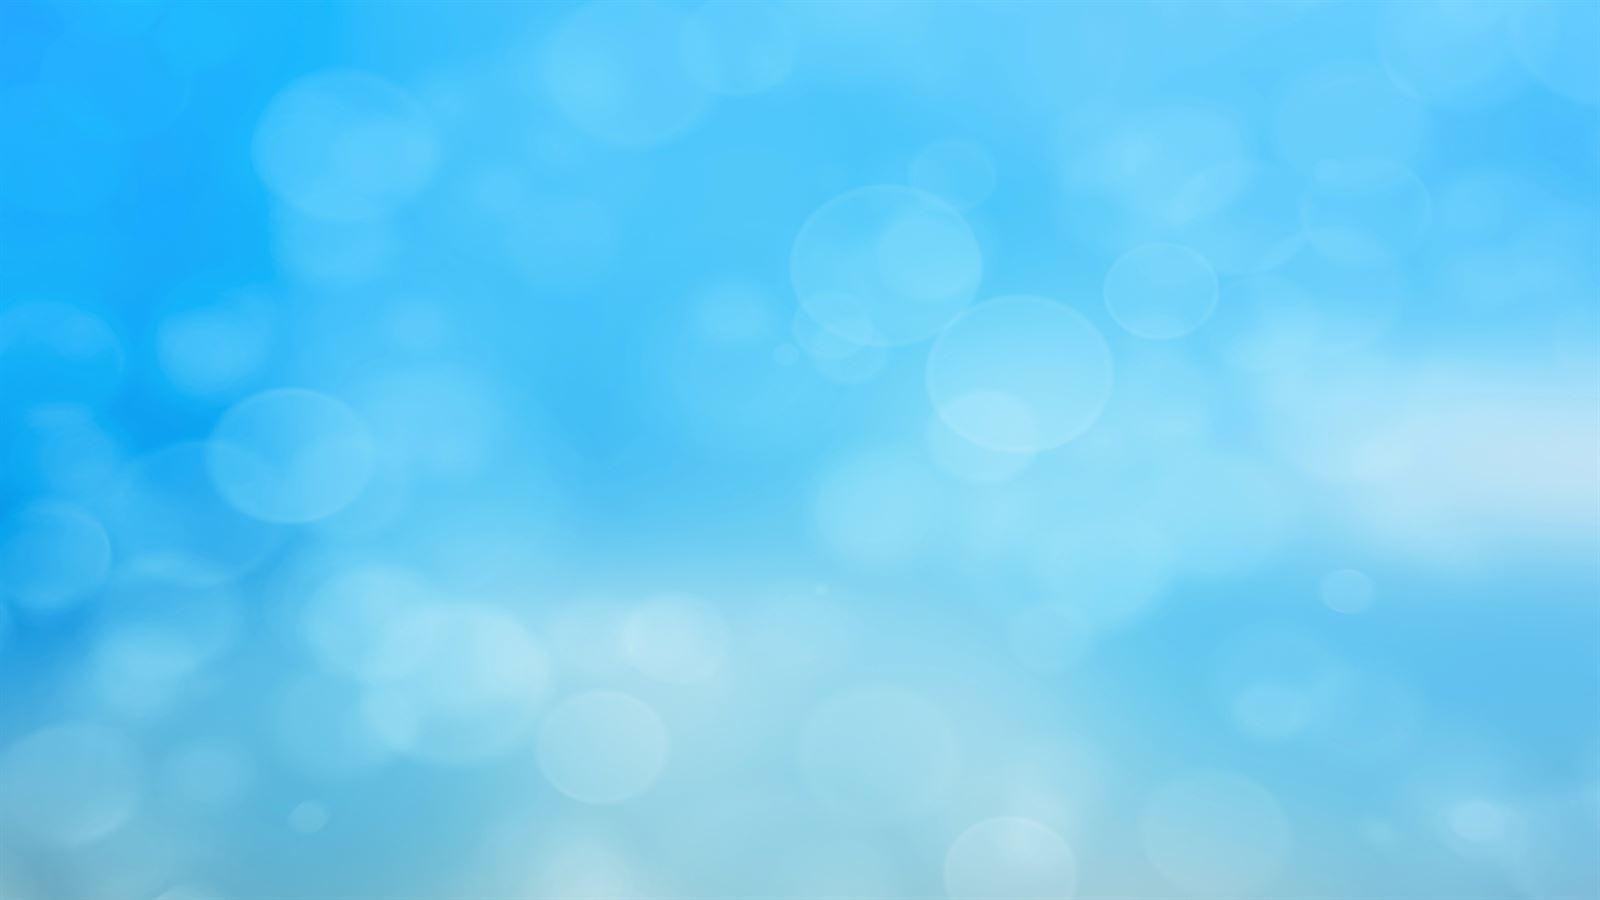 Hình ảnh background nền xanh bong bóng trắng